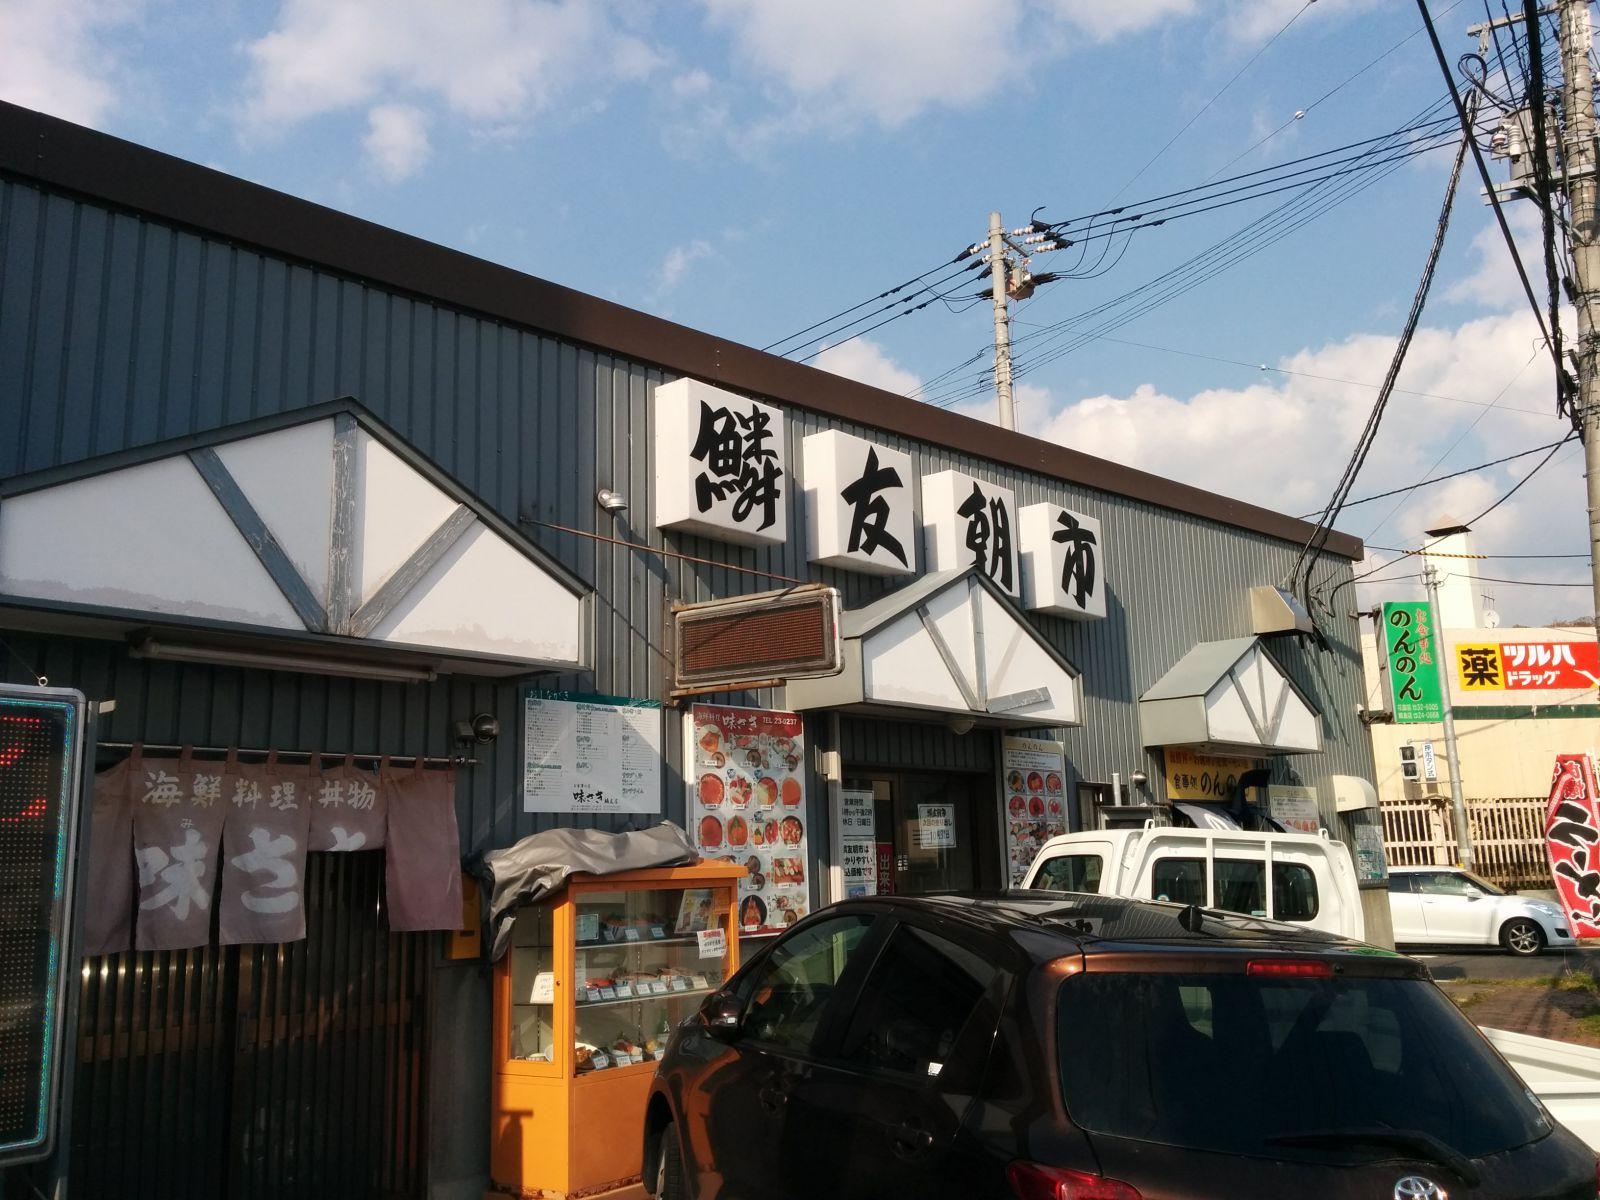 【小樽】小樽鱗友朝市観光案内です。